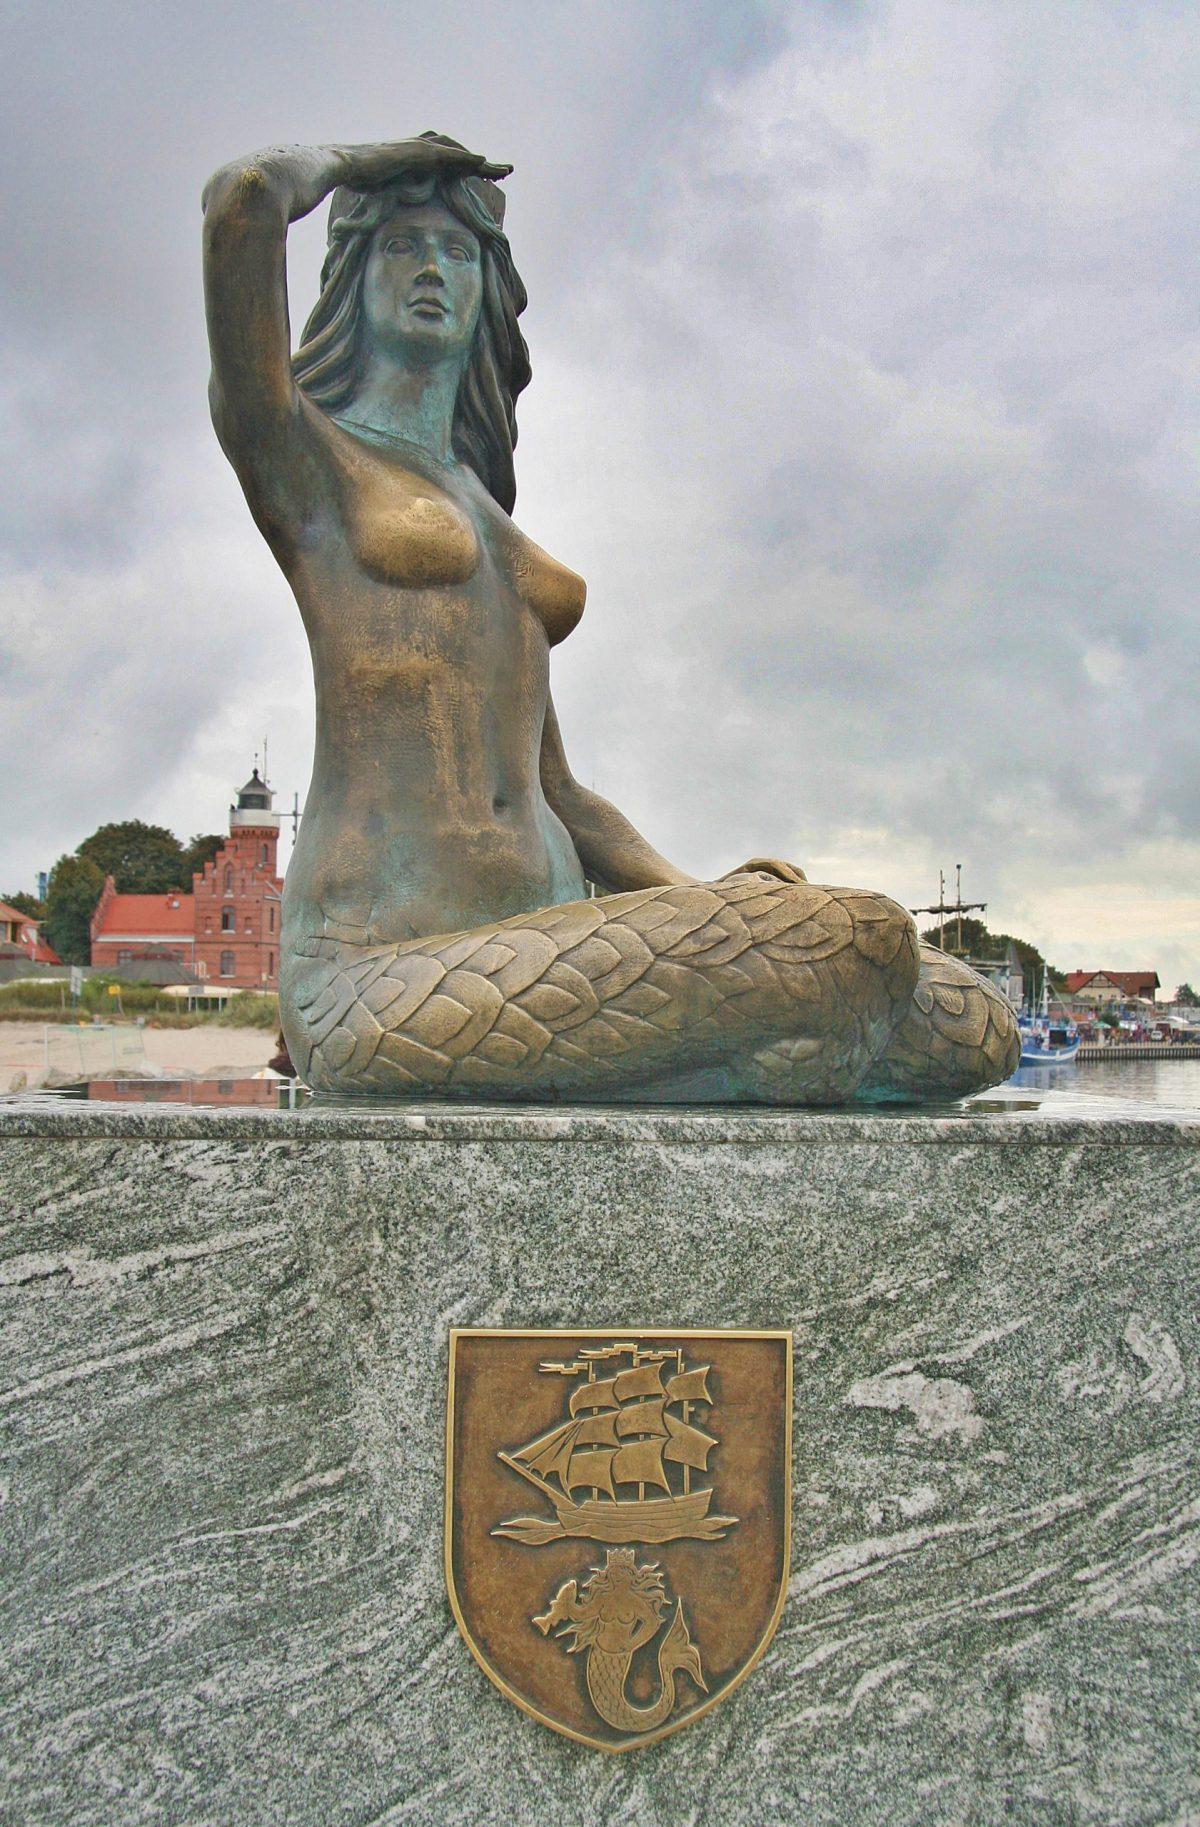 Ustka Mermaid